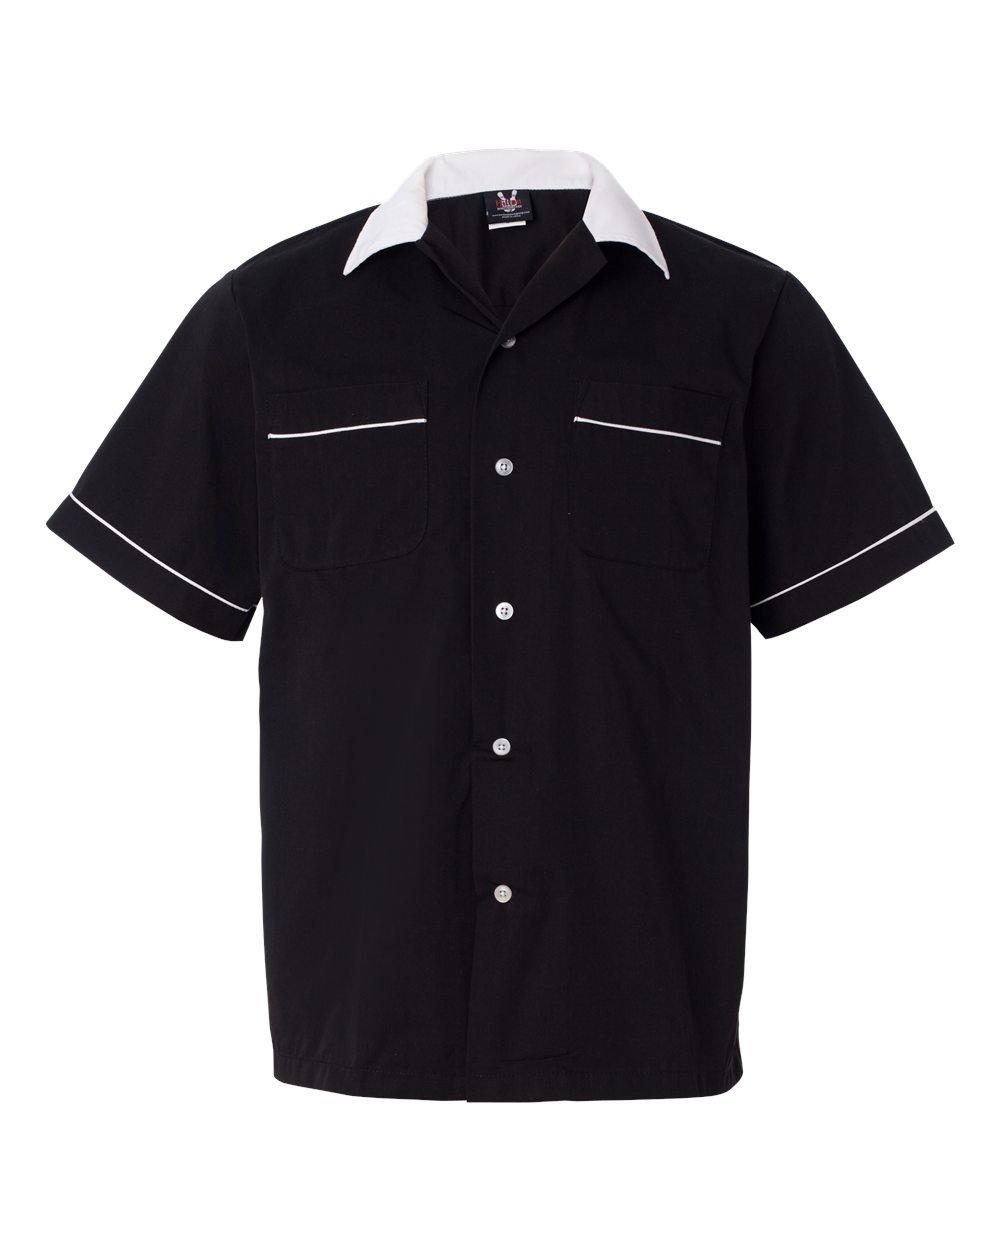 Hilton Men's Retro Legend Bowling Shirt, Black/ White, XX-Large by Hilton